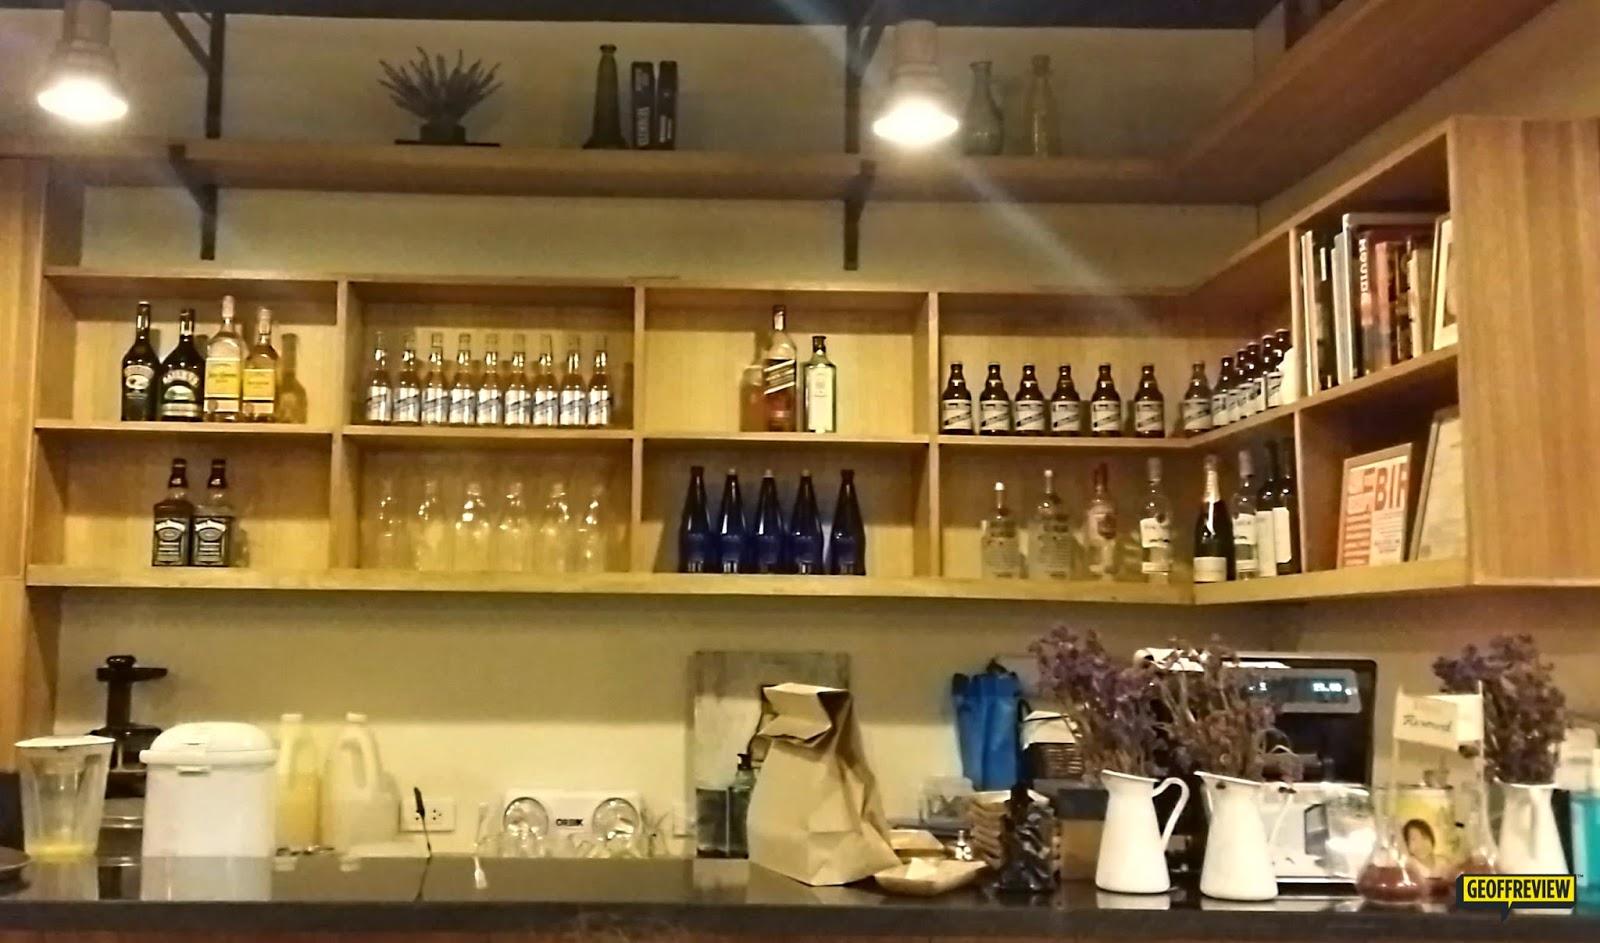 Ginamos And Garlic A Sarsa Kitchen Bar Review GEOFFREVIEW